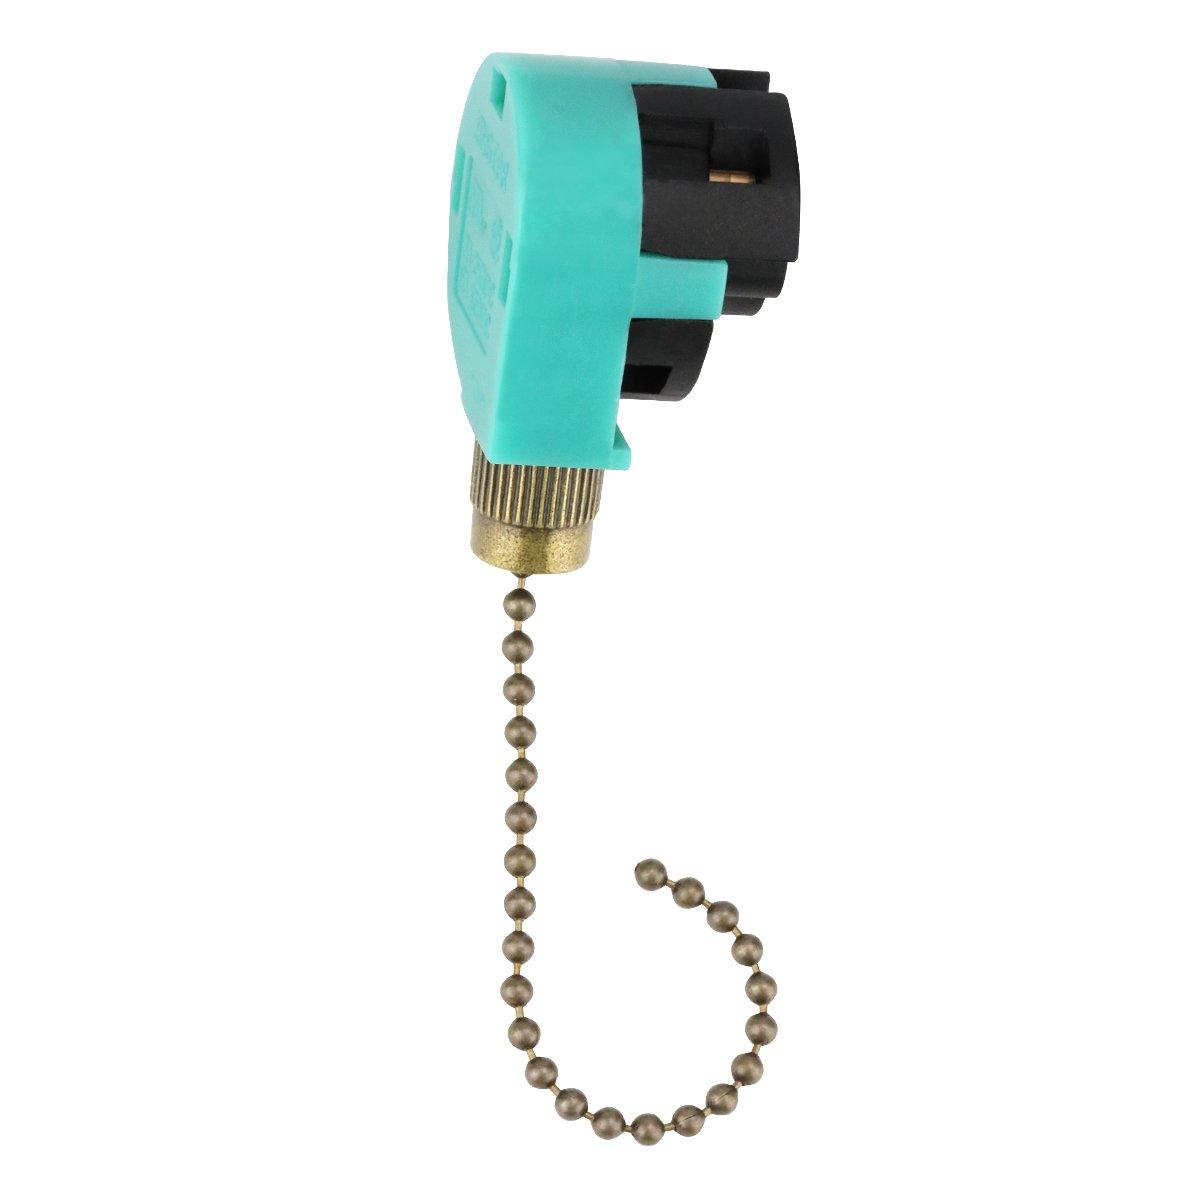 Hunter Ceiling Fan Pull Switch ZE-268s6 Fan Switch, Ceiling Fan Switch, Switch Ceiling Fans Wall Lamps Cabinet Light (Bronze Pull Chain)